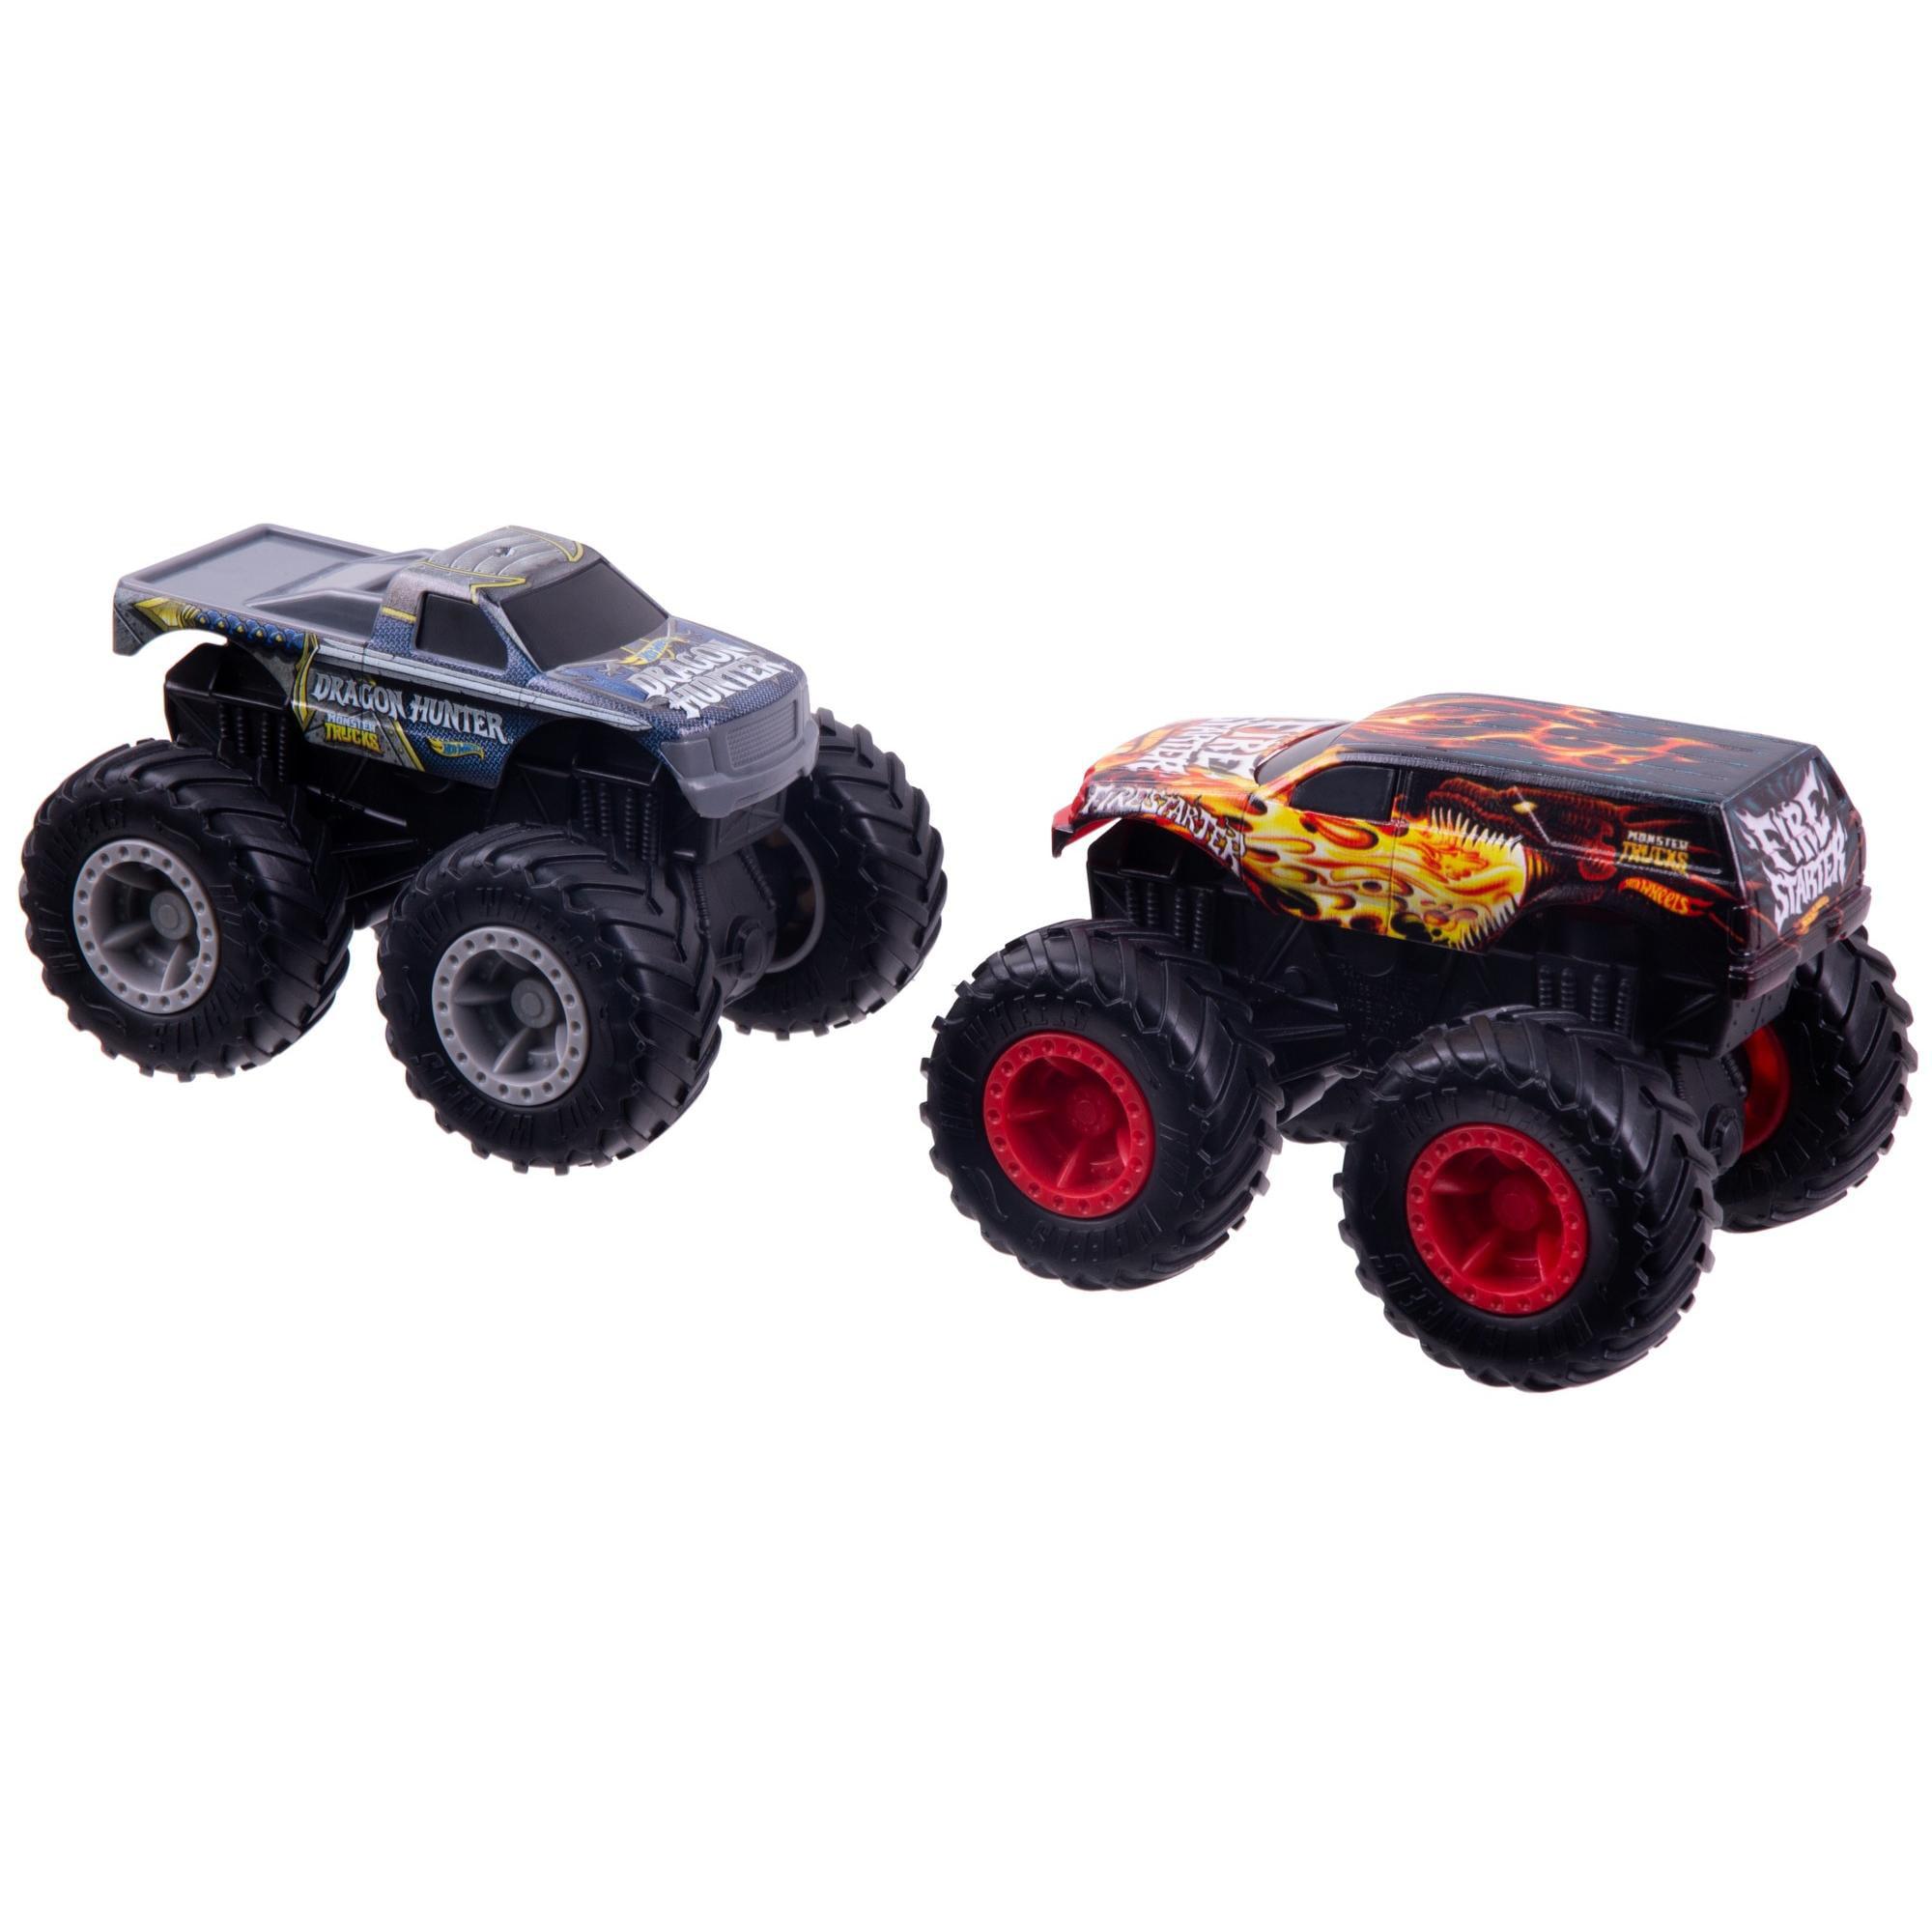 Hot Wheels Monster Trucks Dueling Fire Starter vs Dragon ...